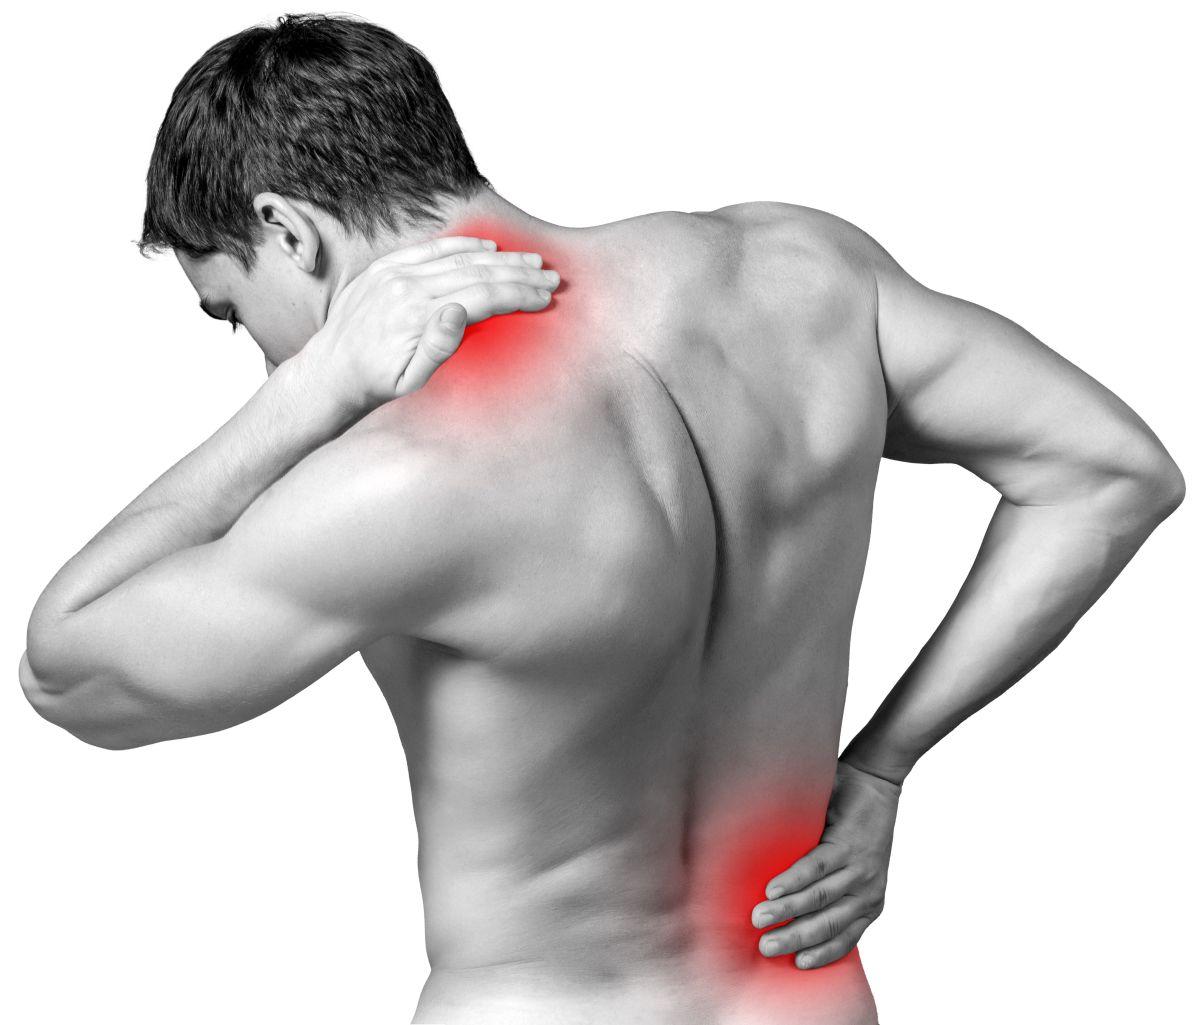 Ya sea por mala postura o sobreesfuerzos, los dolores musculares pueden limitarnos muchísimo